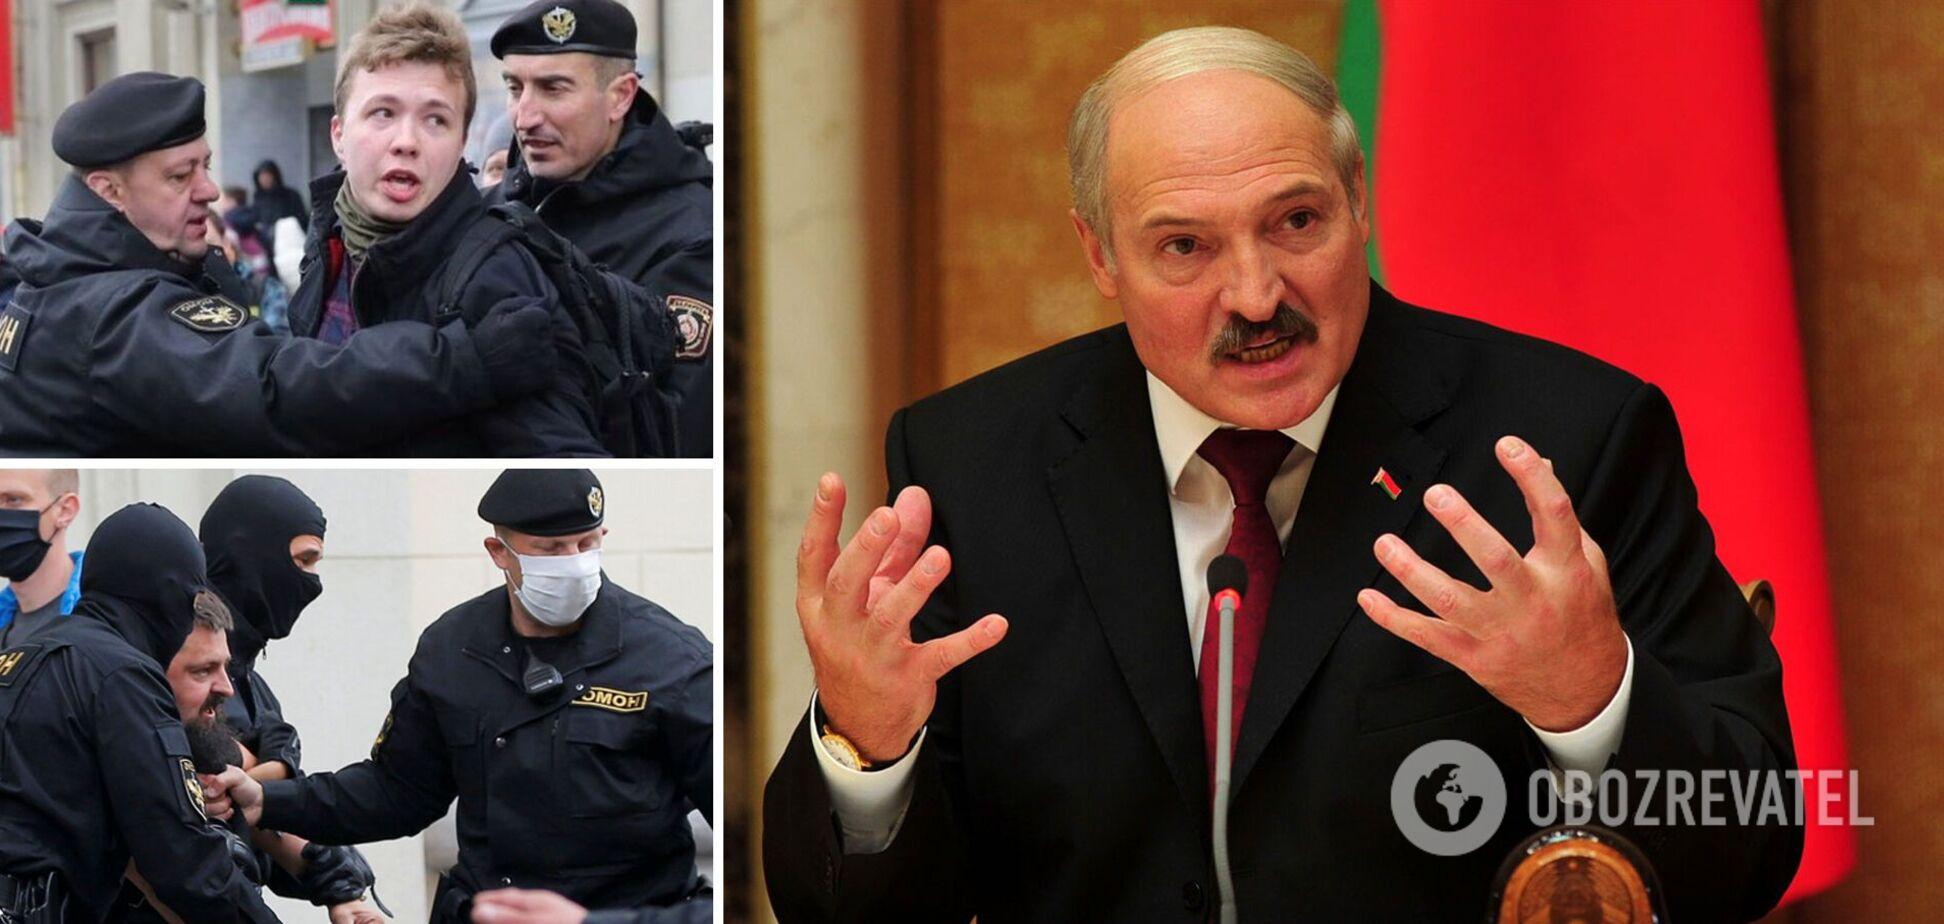 Самопроголошений президент Білорусі Олександр Лукашенко намагається зміцнити владу за допомогою жорстких репресій